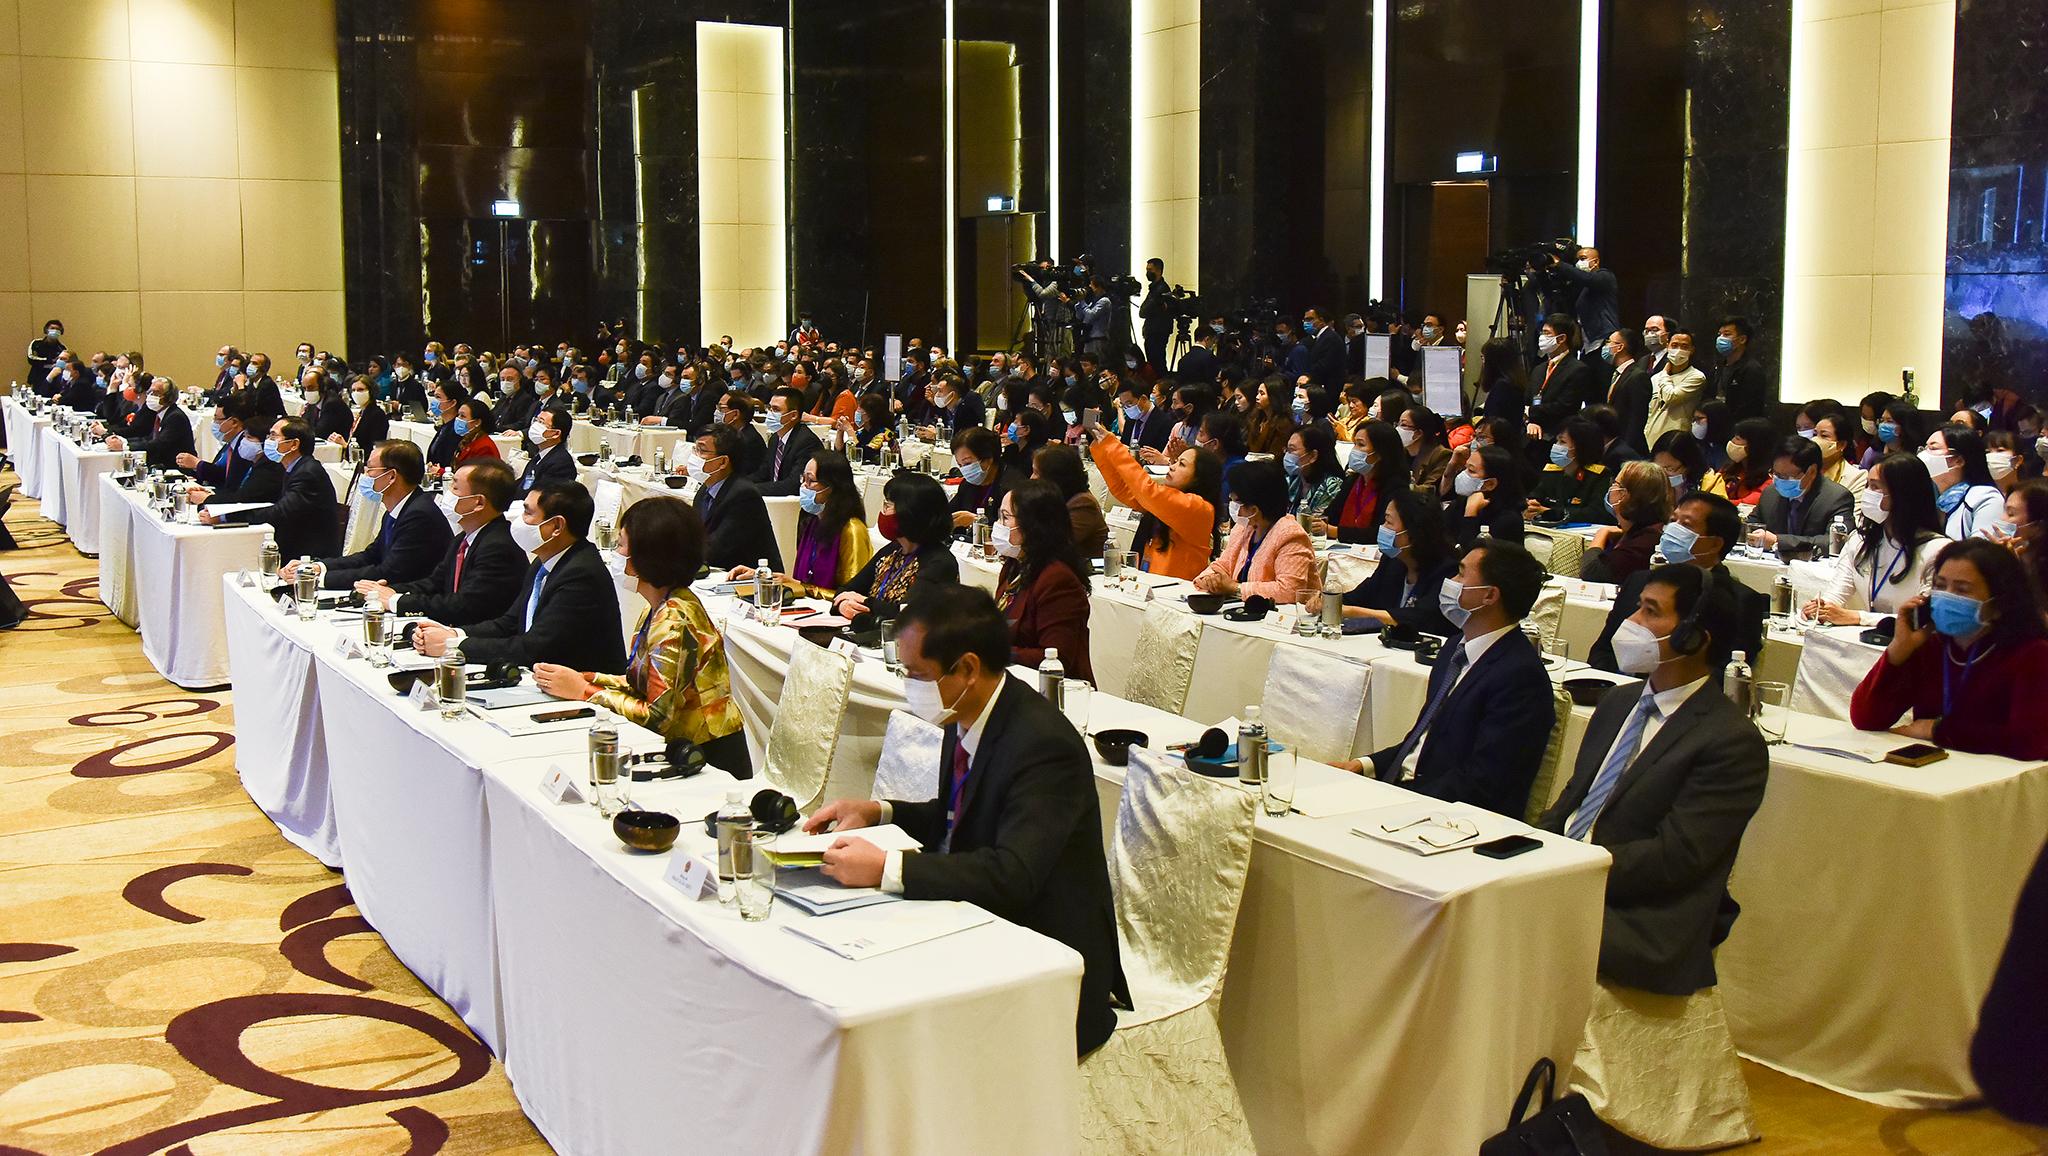 Toàn cảnh Hội nghị. Ảnh: VGP/Hải Minh